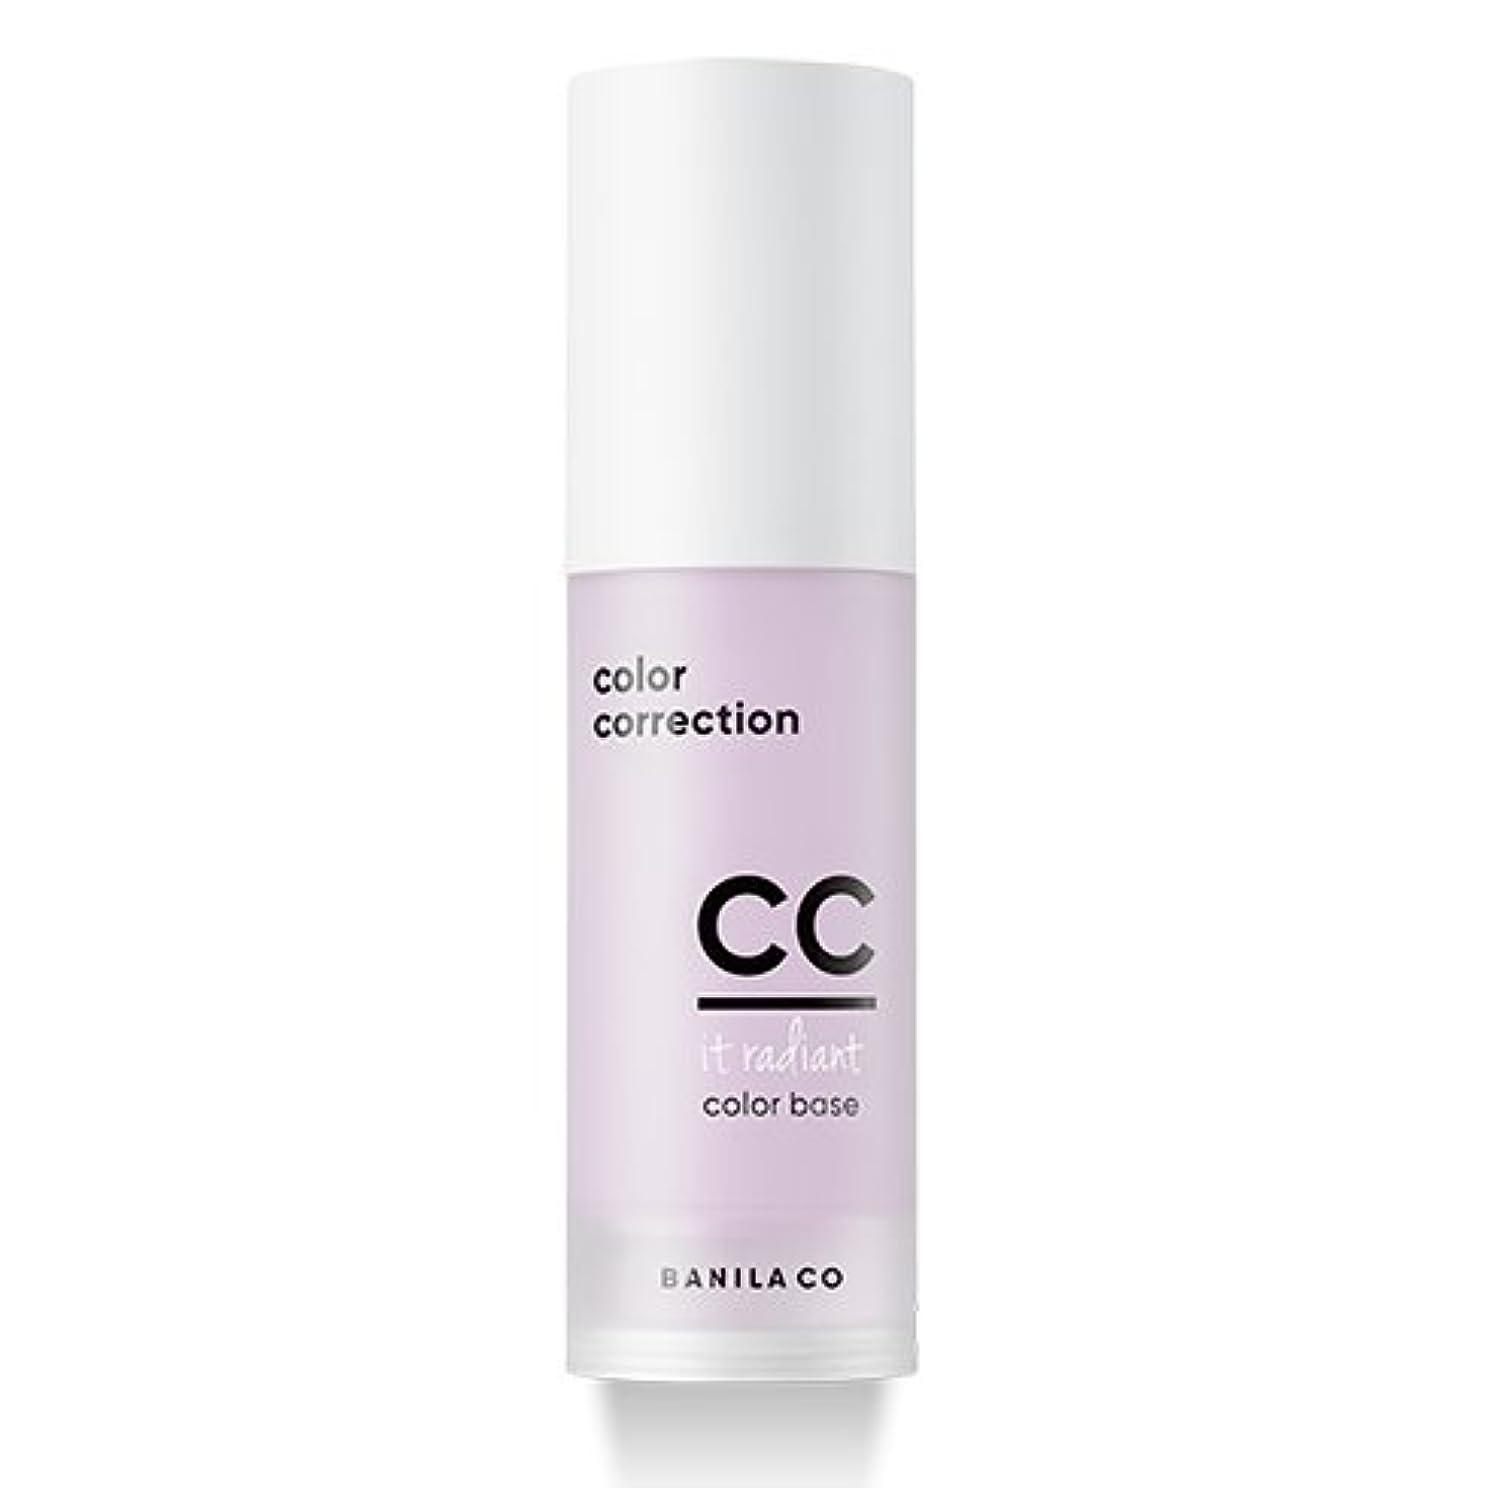 純正有望用心BANILA CO It Radiant CC Color Base 30ml/バニラコ イット ラディアント CC カラー ベース 30ml (#Lavender) [並行輸入品]